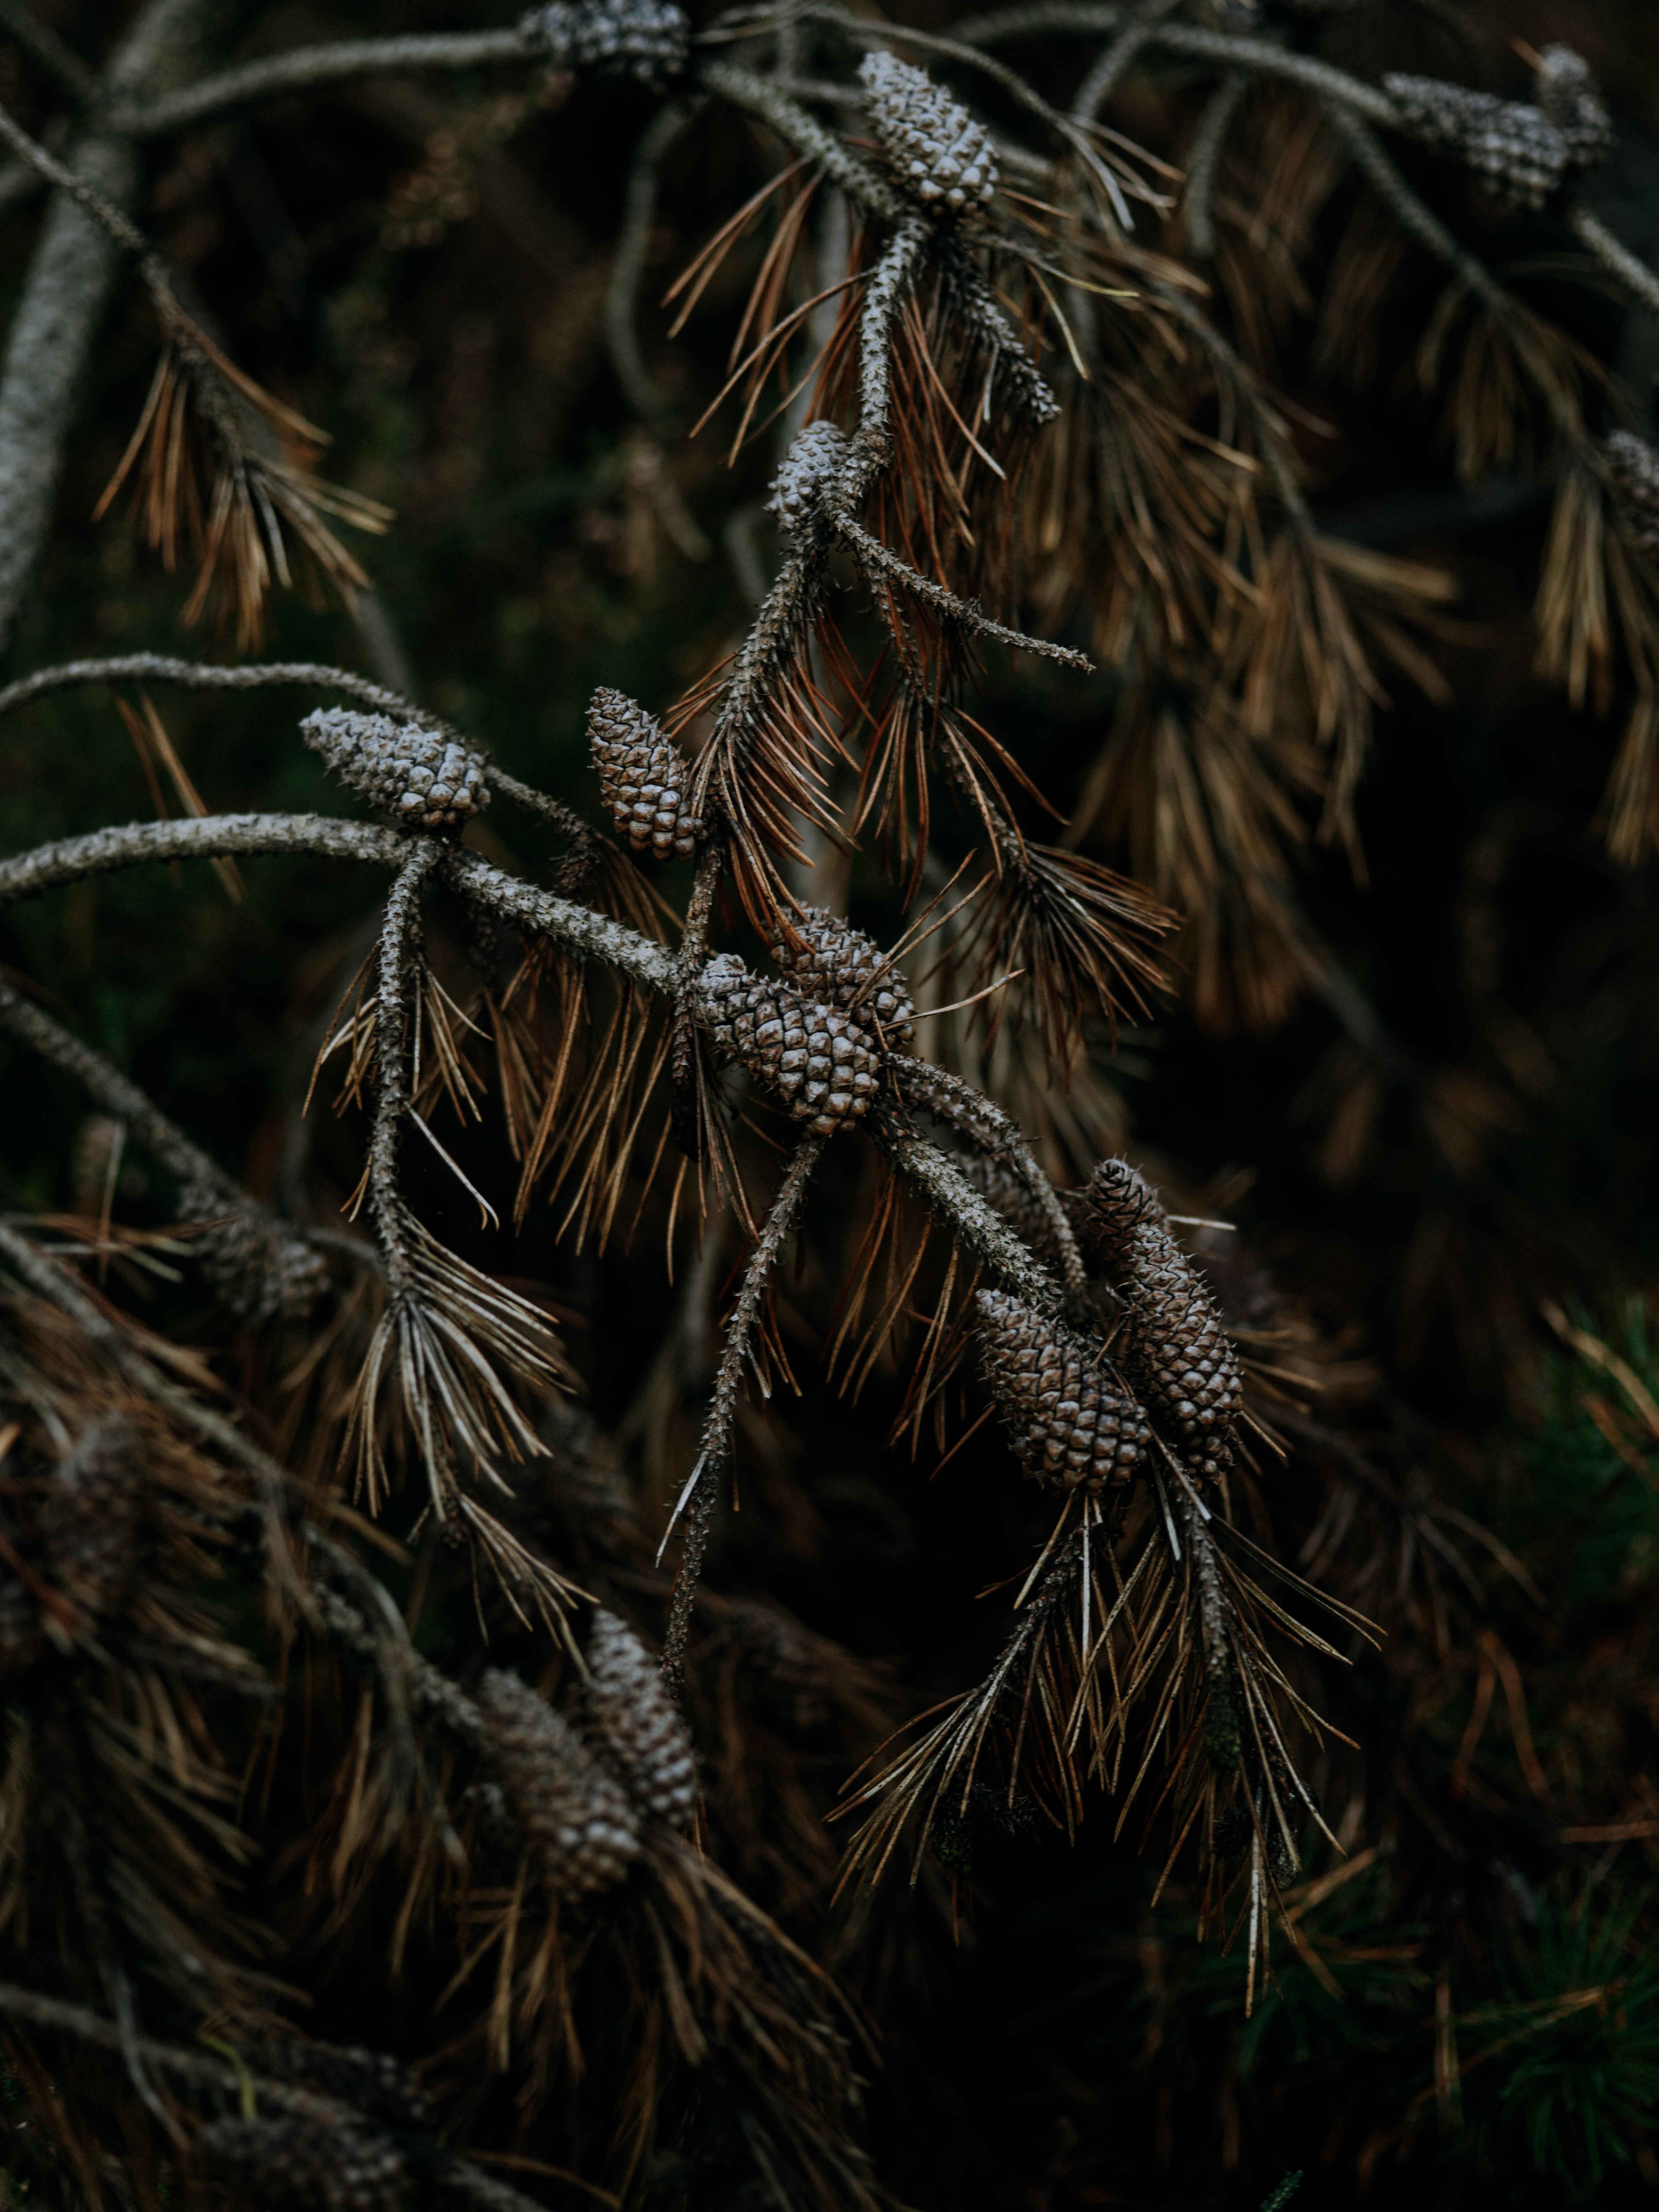 136530 скачать обои Природа, Шишки, Дерево, Ветки, Хвоя, Сосна - заставки и картинки бесплатно